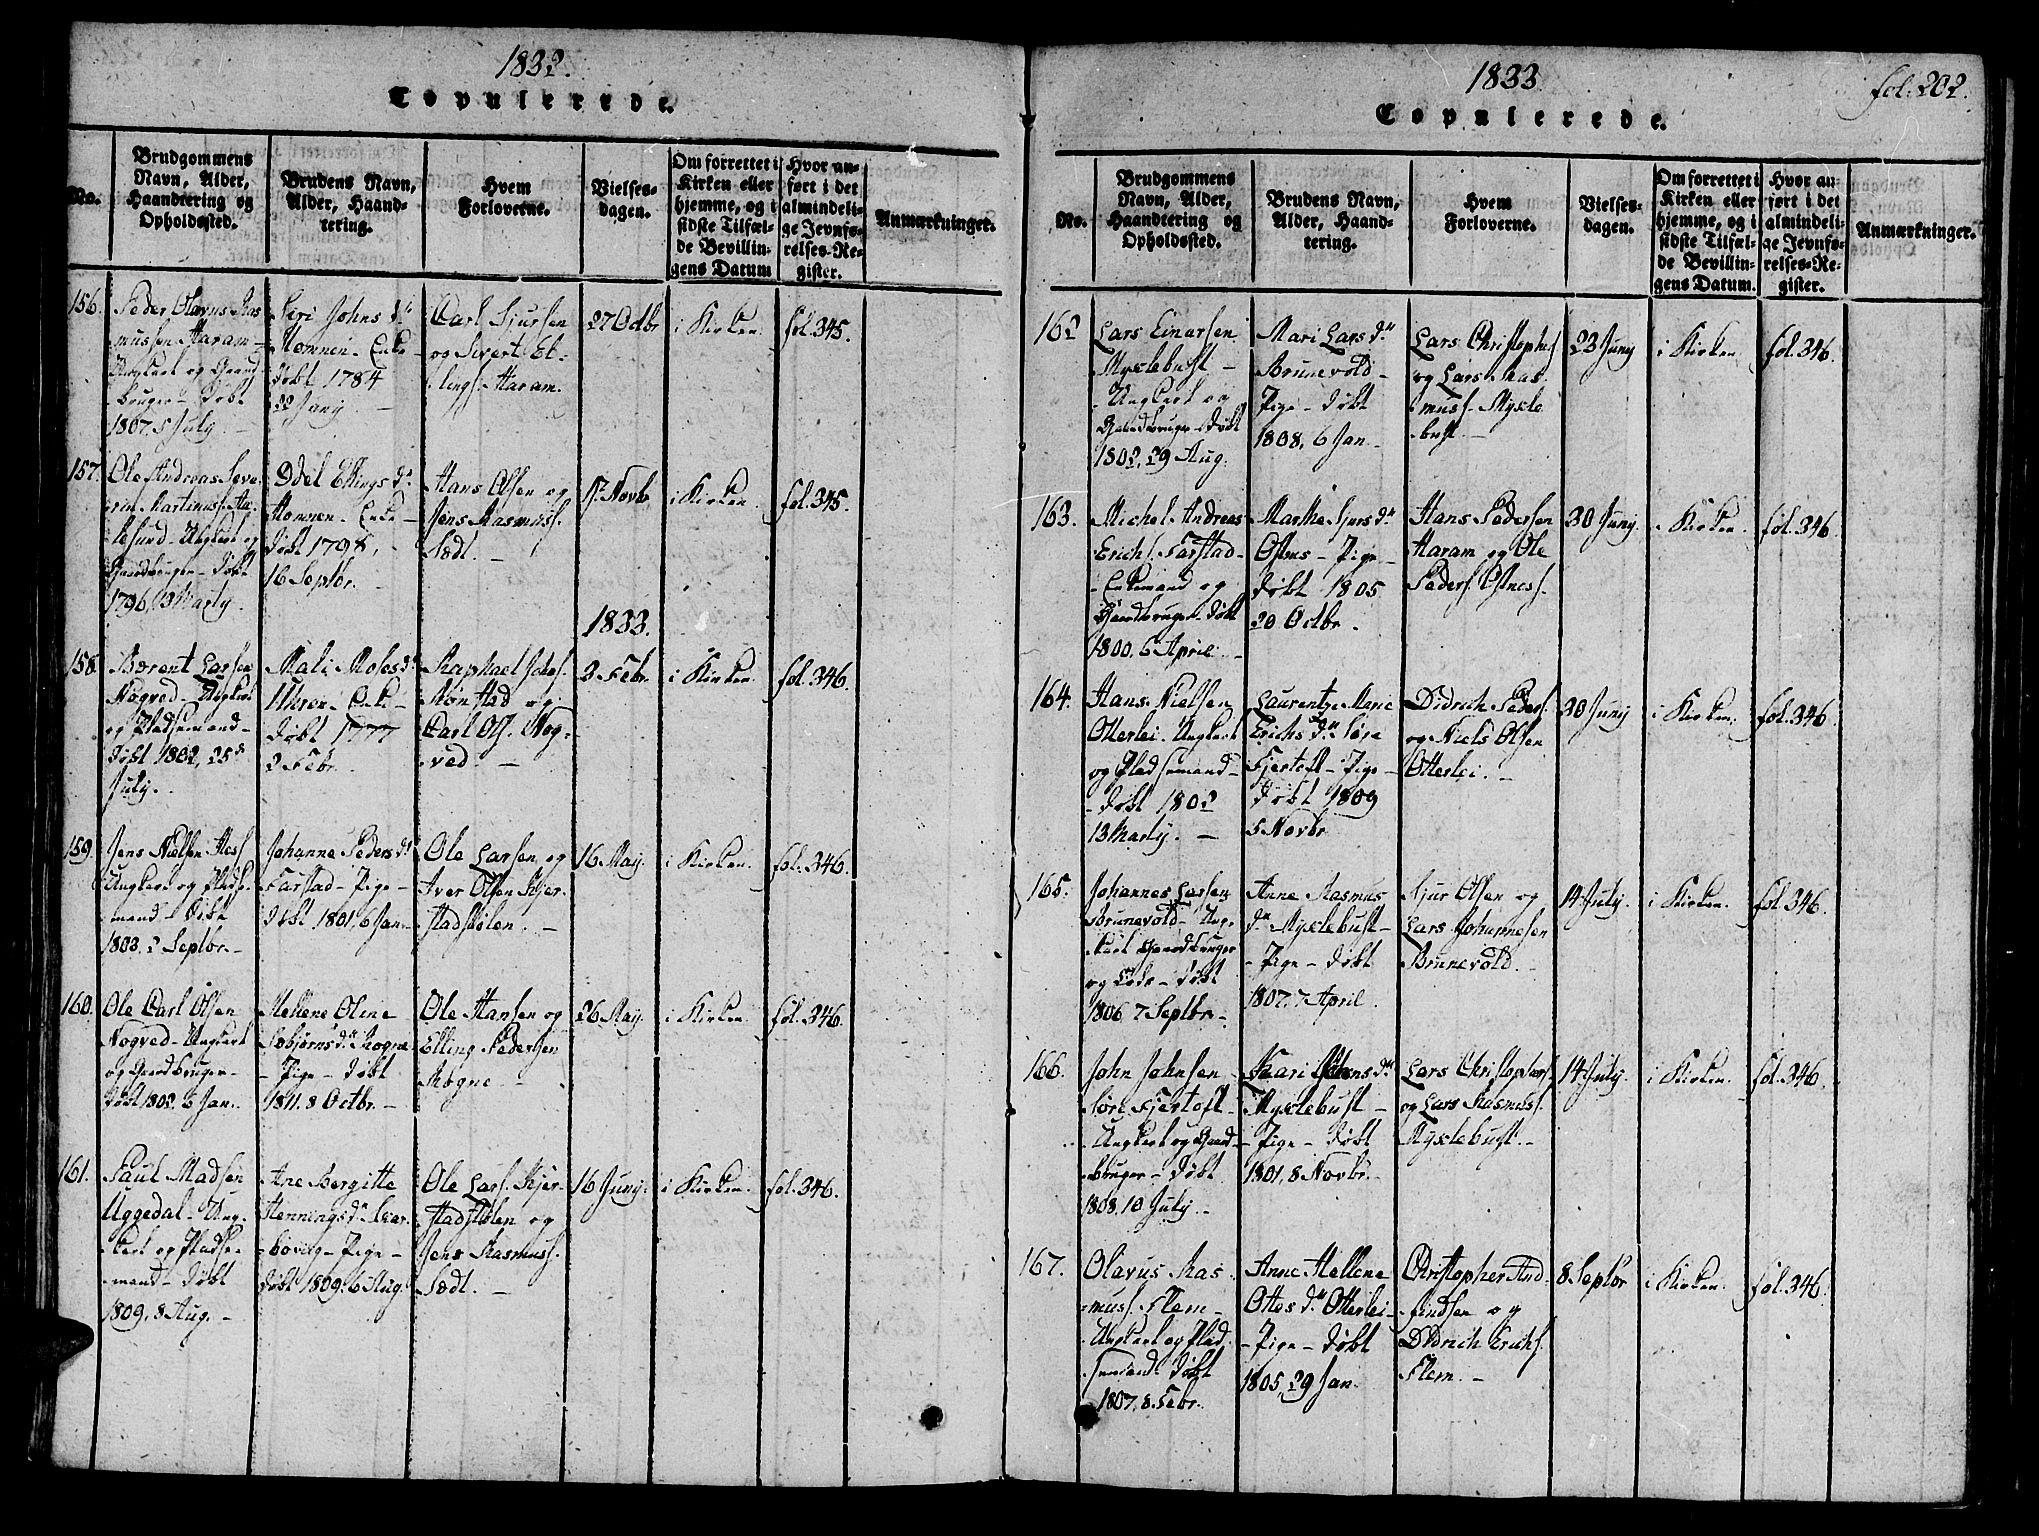 SAT, Ministerialprotokoller, klokkerbøker og fødselsregistre - Møre og Romsdal, 536/L0495: Ministerialbok nr. 536A04, 1818-1847, s. 202